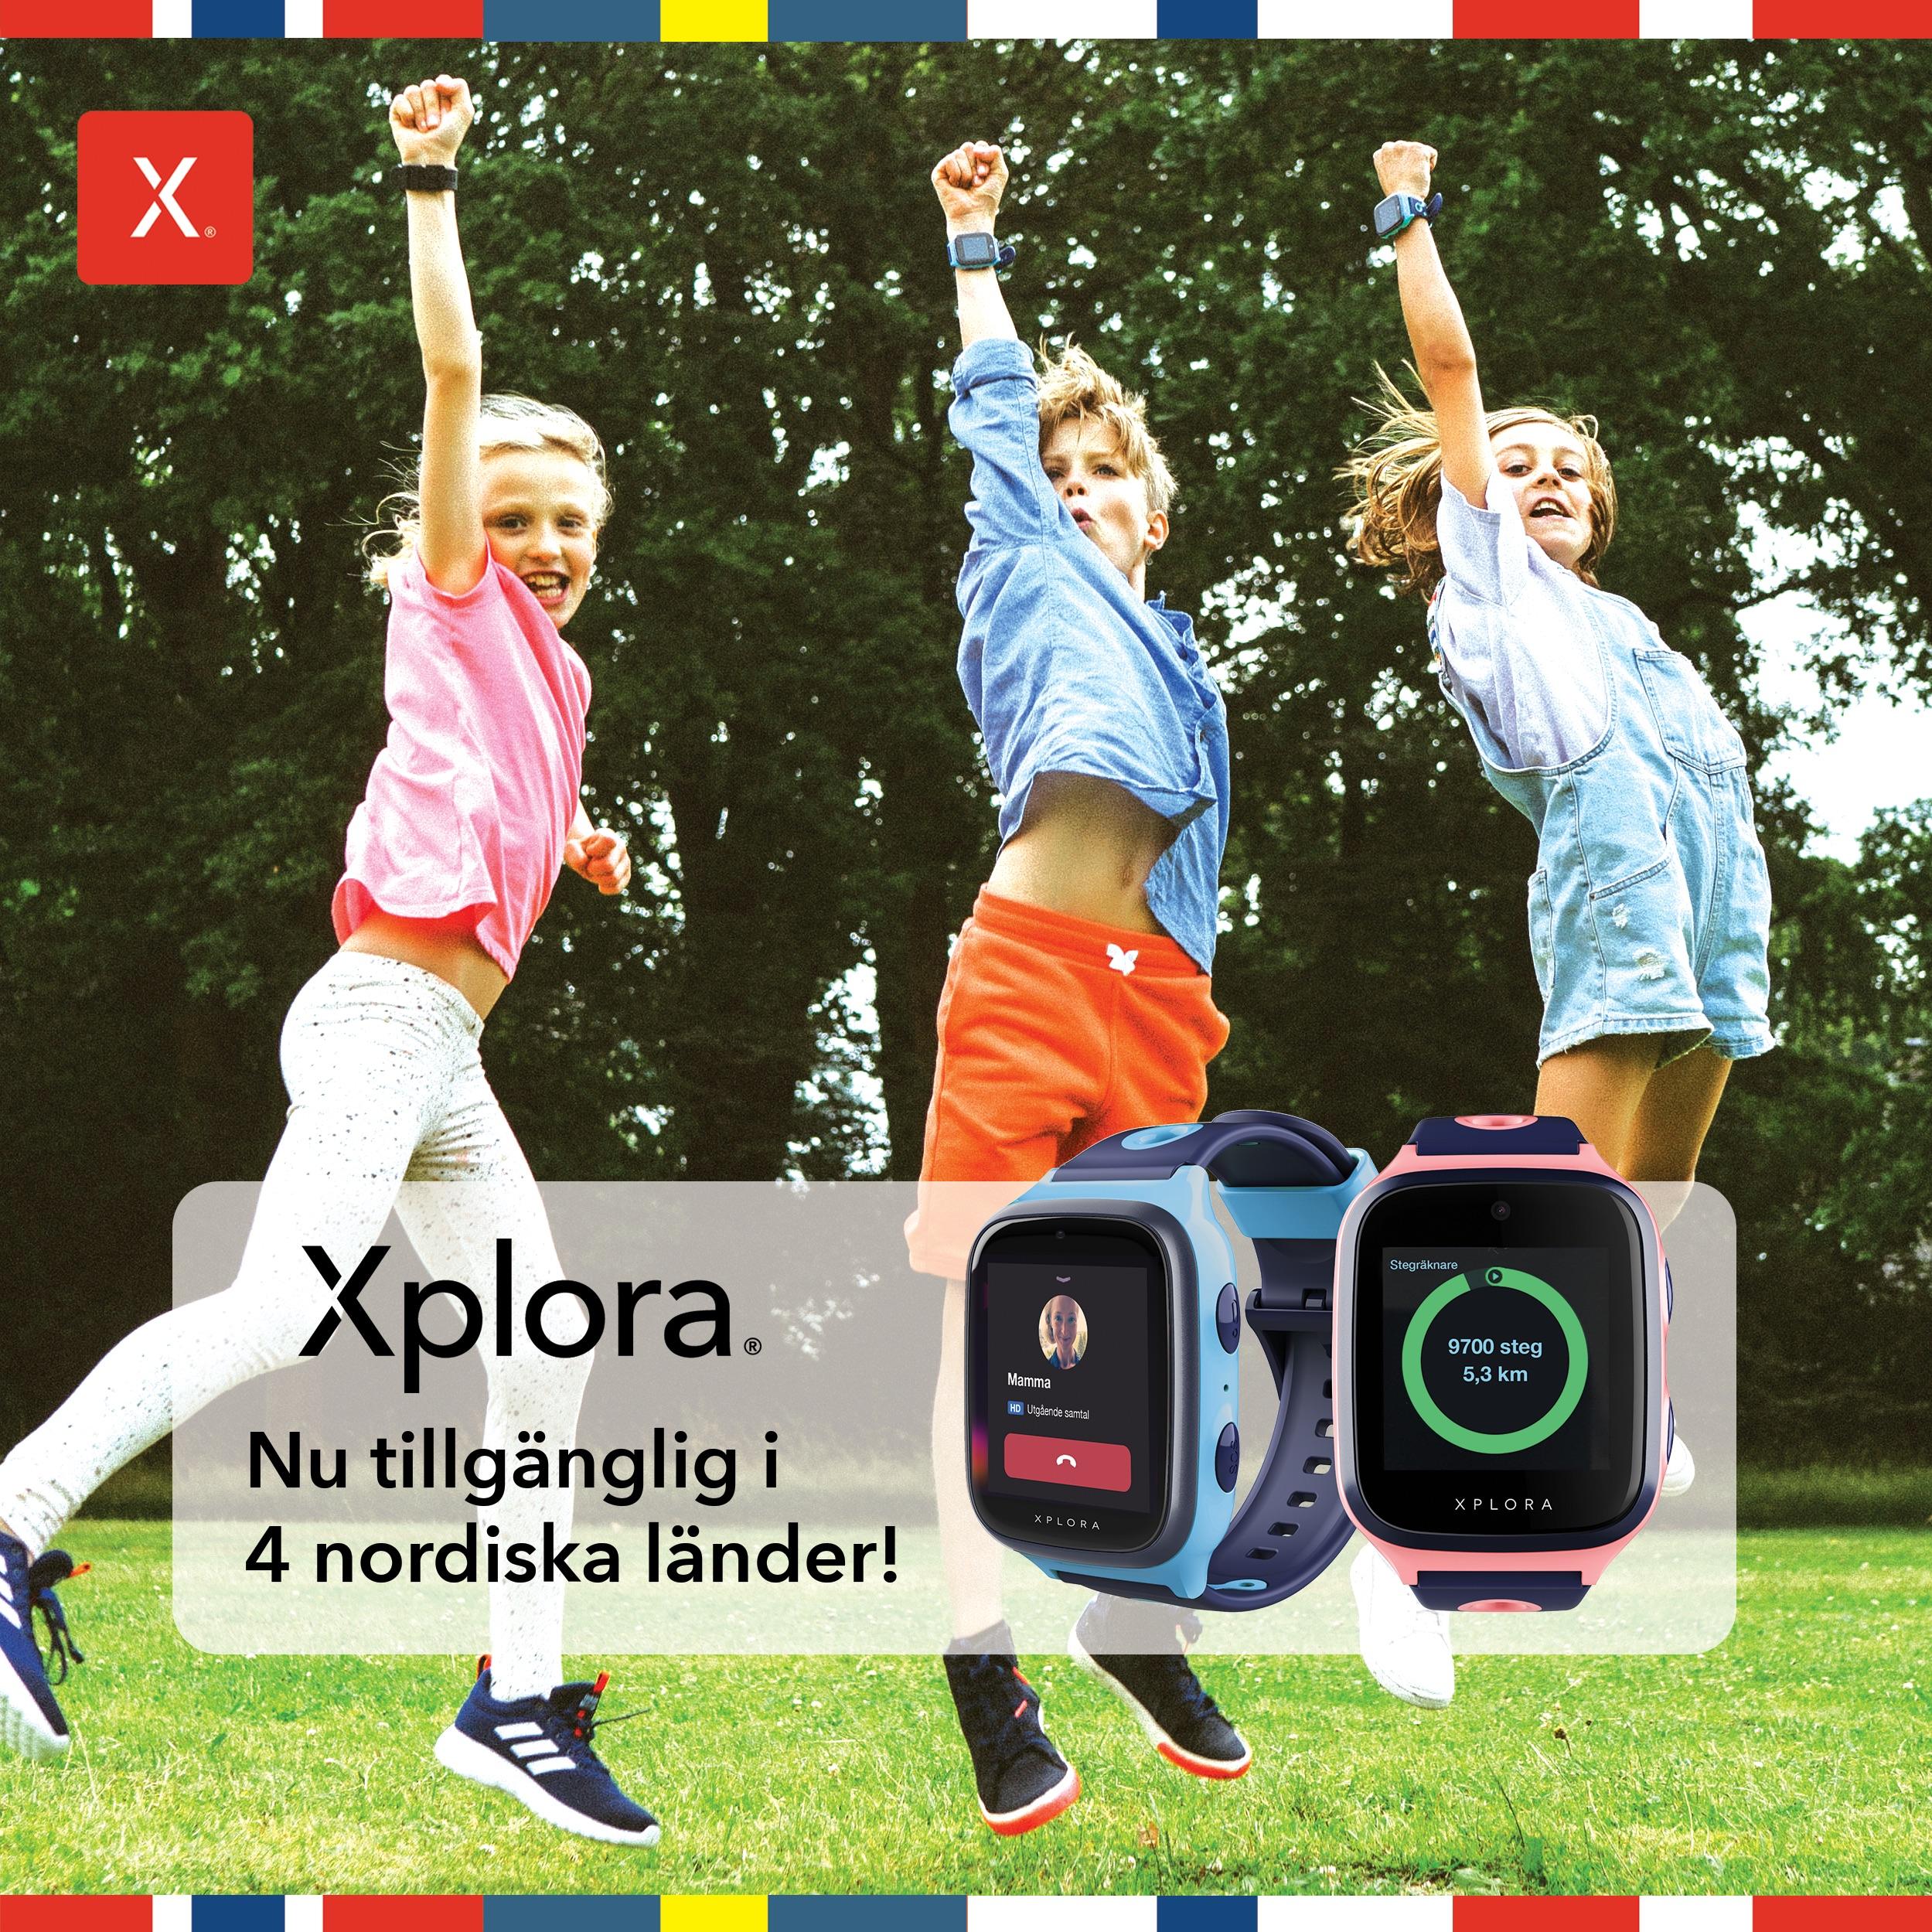 xplora-nu-tillgänglig-i-alla-4-nordiska-länder-annons